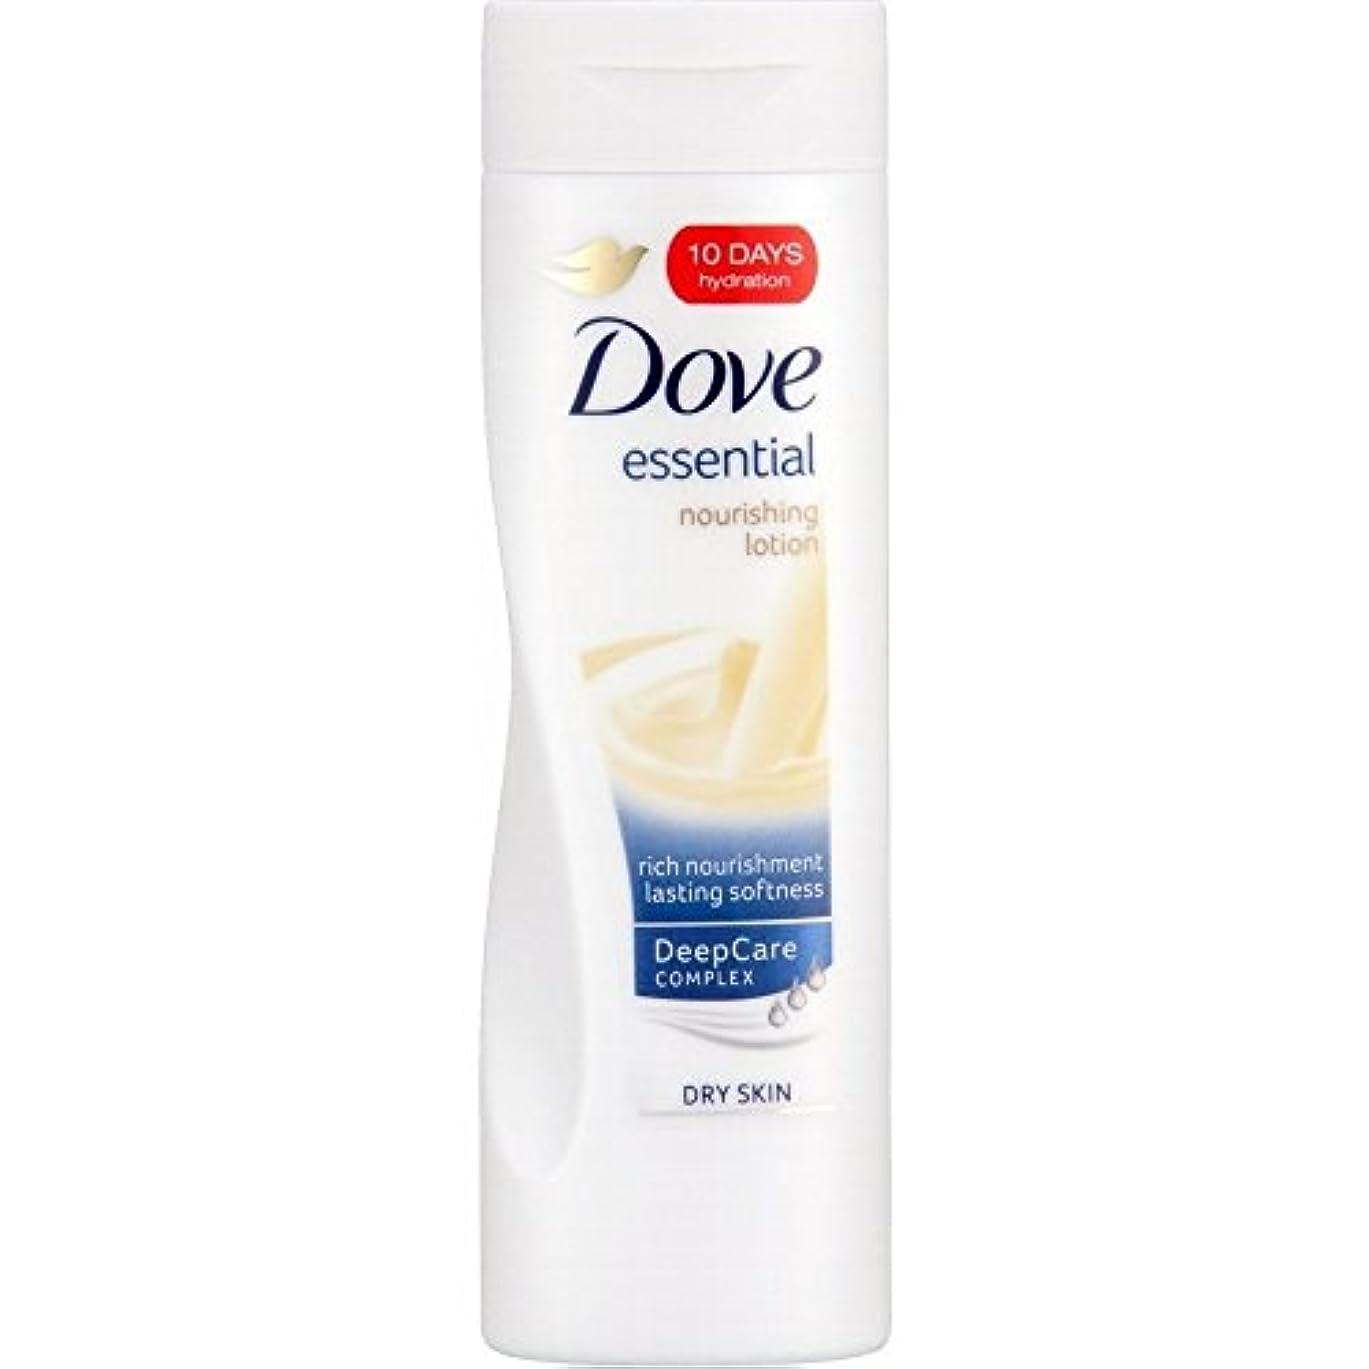 シャープどちらか寛容なDove Essential Nourishment Body Lotion - Dry Skin (250ml) 鳩不可欠な栄養ボディローション - 乾燥肌( 250ミリリットル) [並行輸入品]